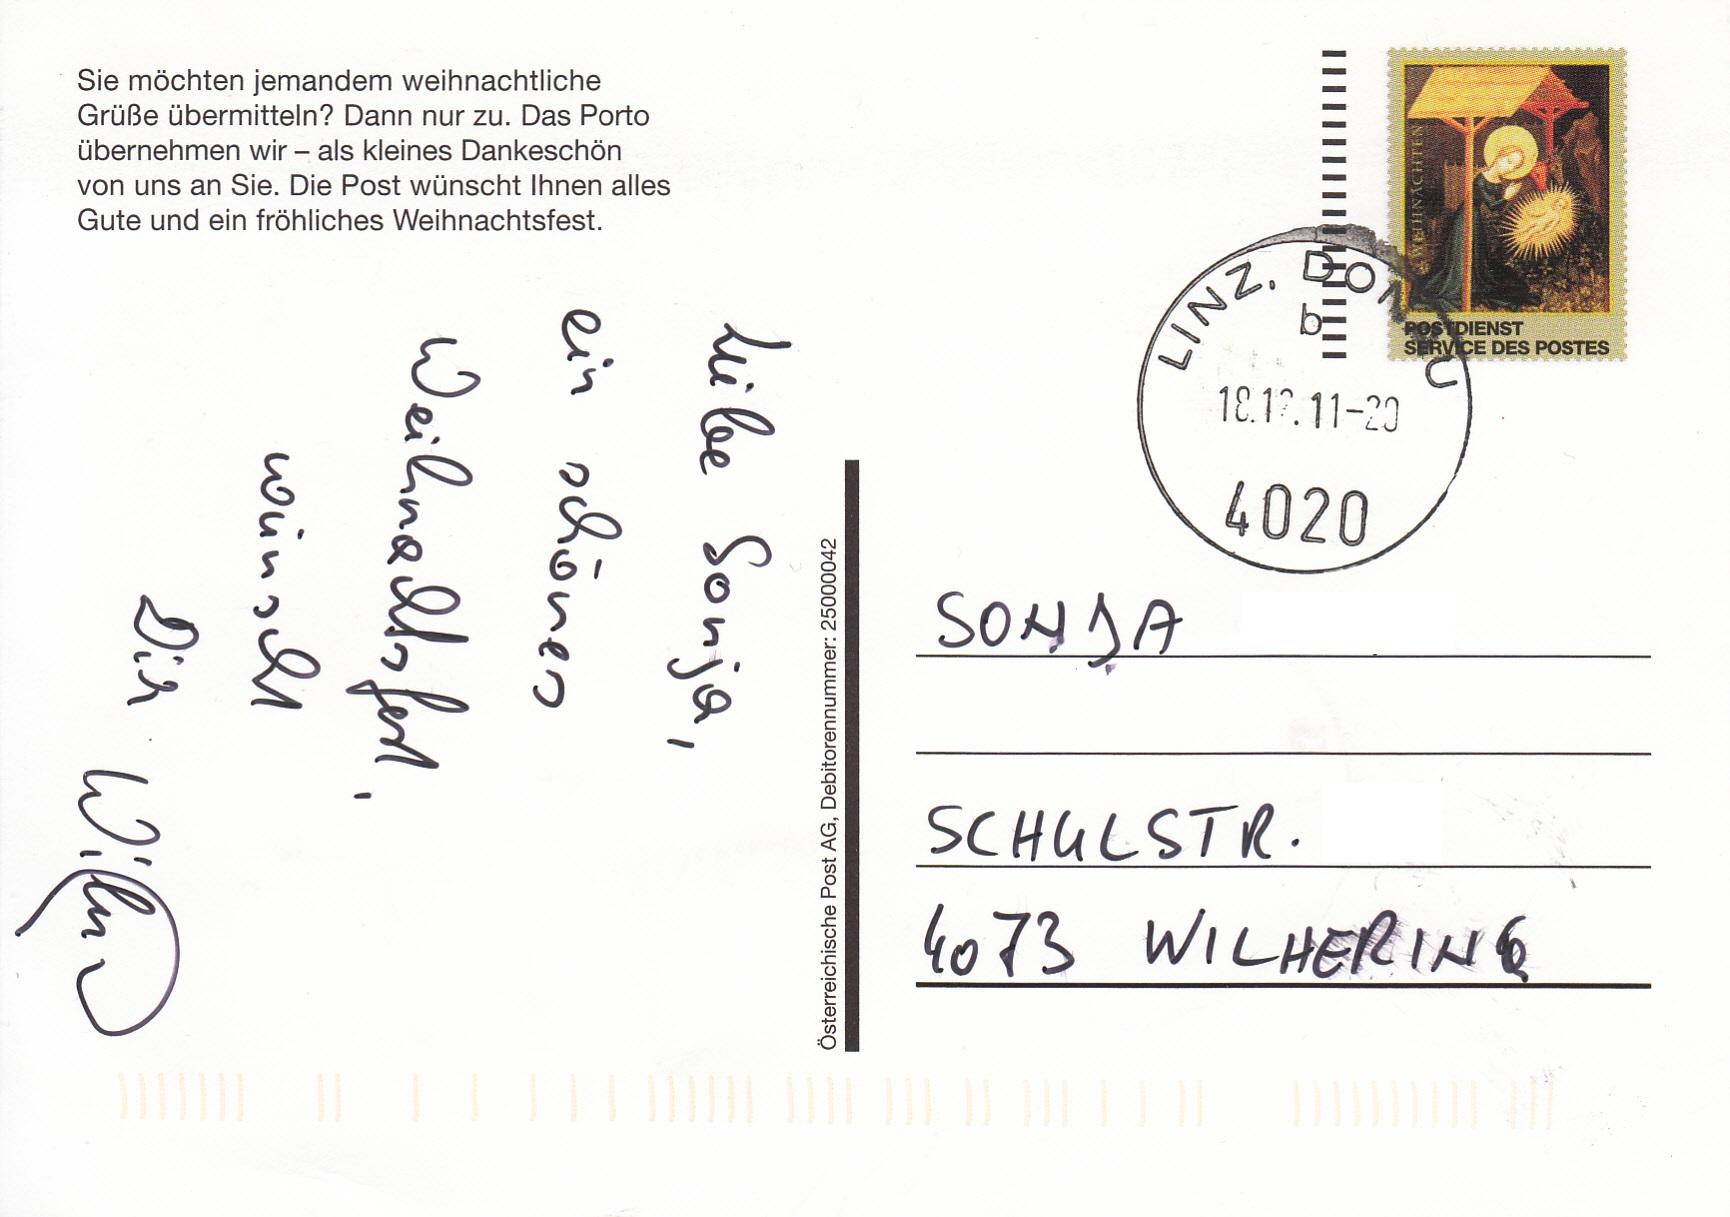 Postdienst – Service des postes - Postdienstkarten - Österreich Img_0221